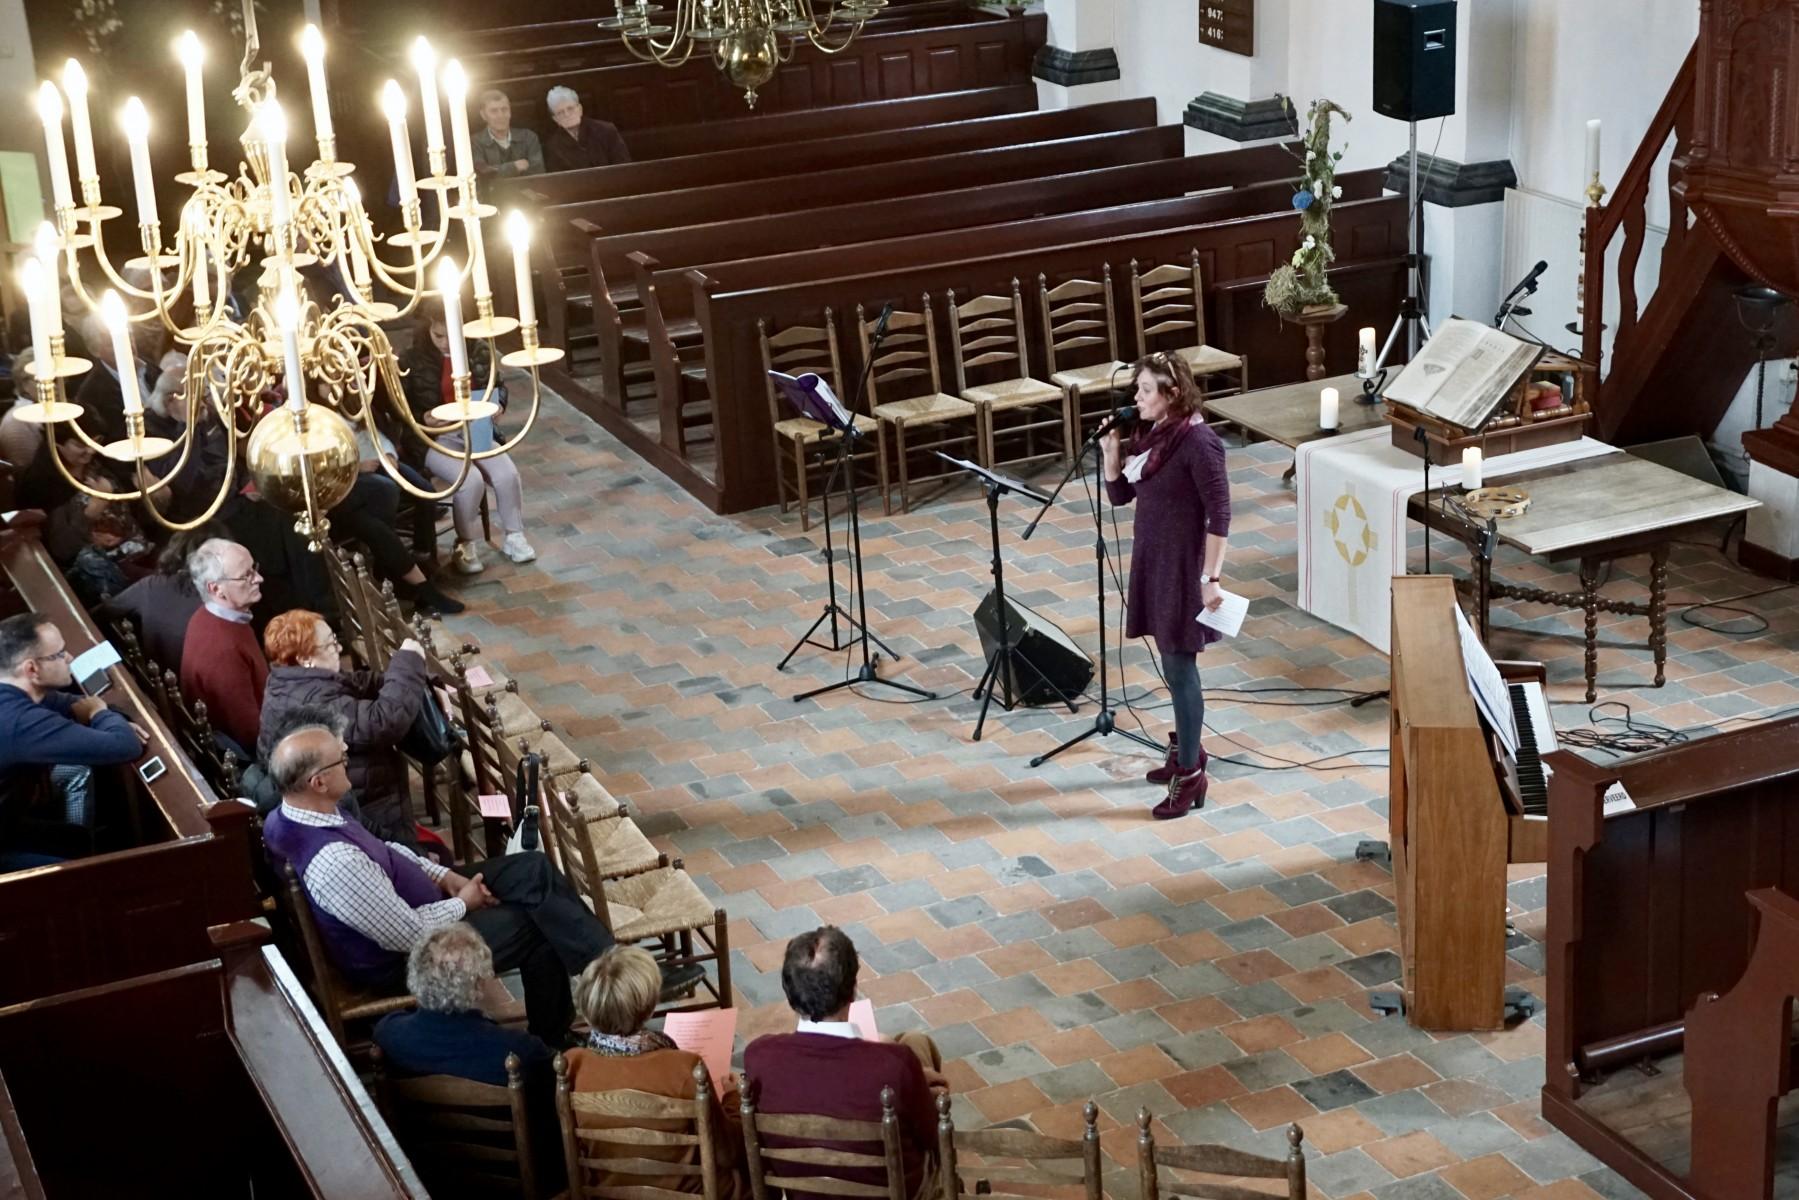 Foto van zangeres tijdens miniconcert in NH kerk in Dalen; okt.2019.